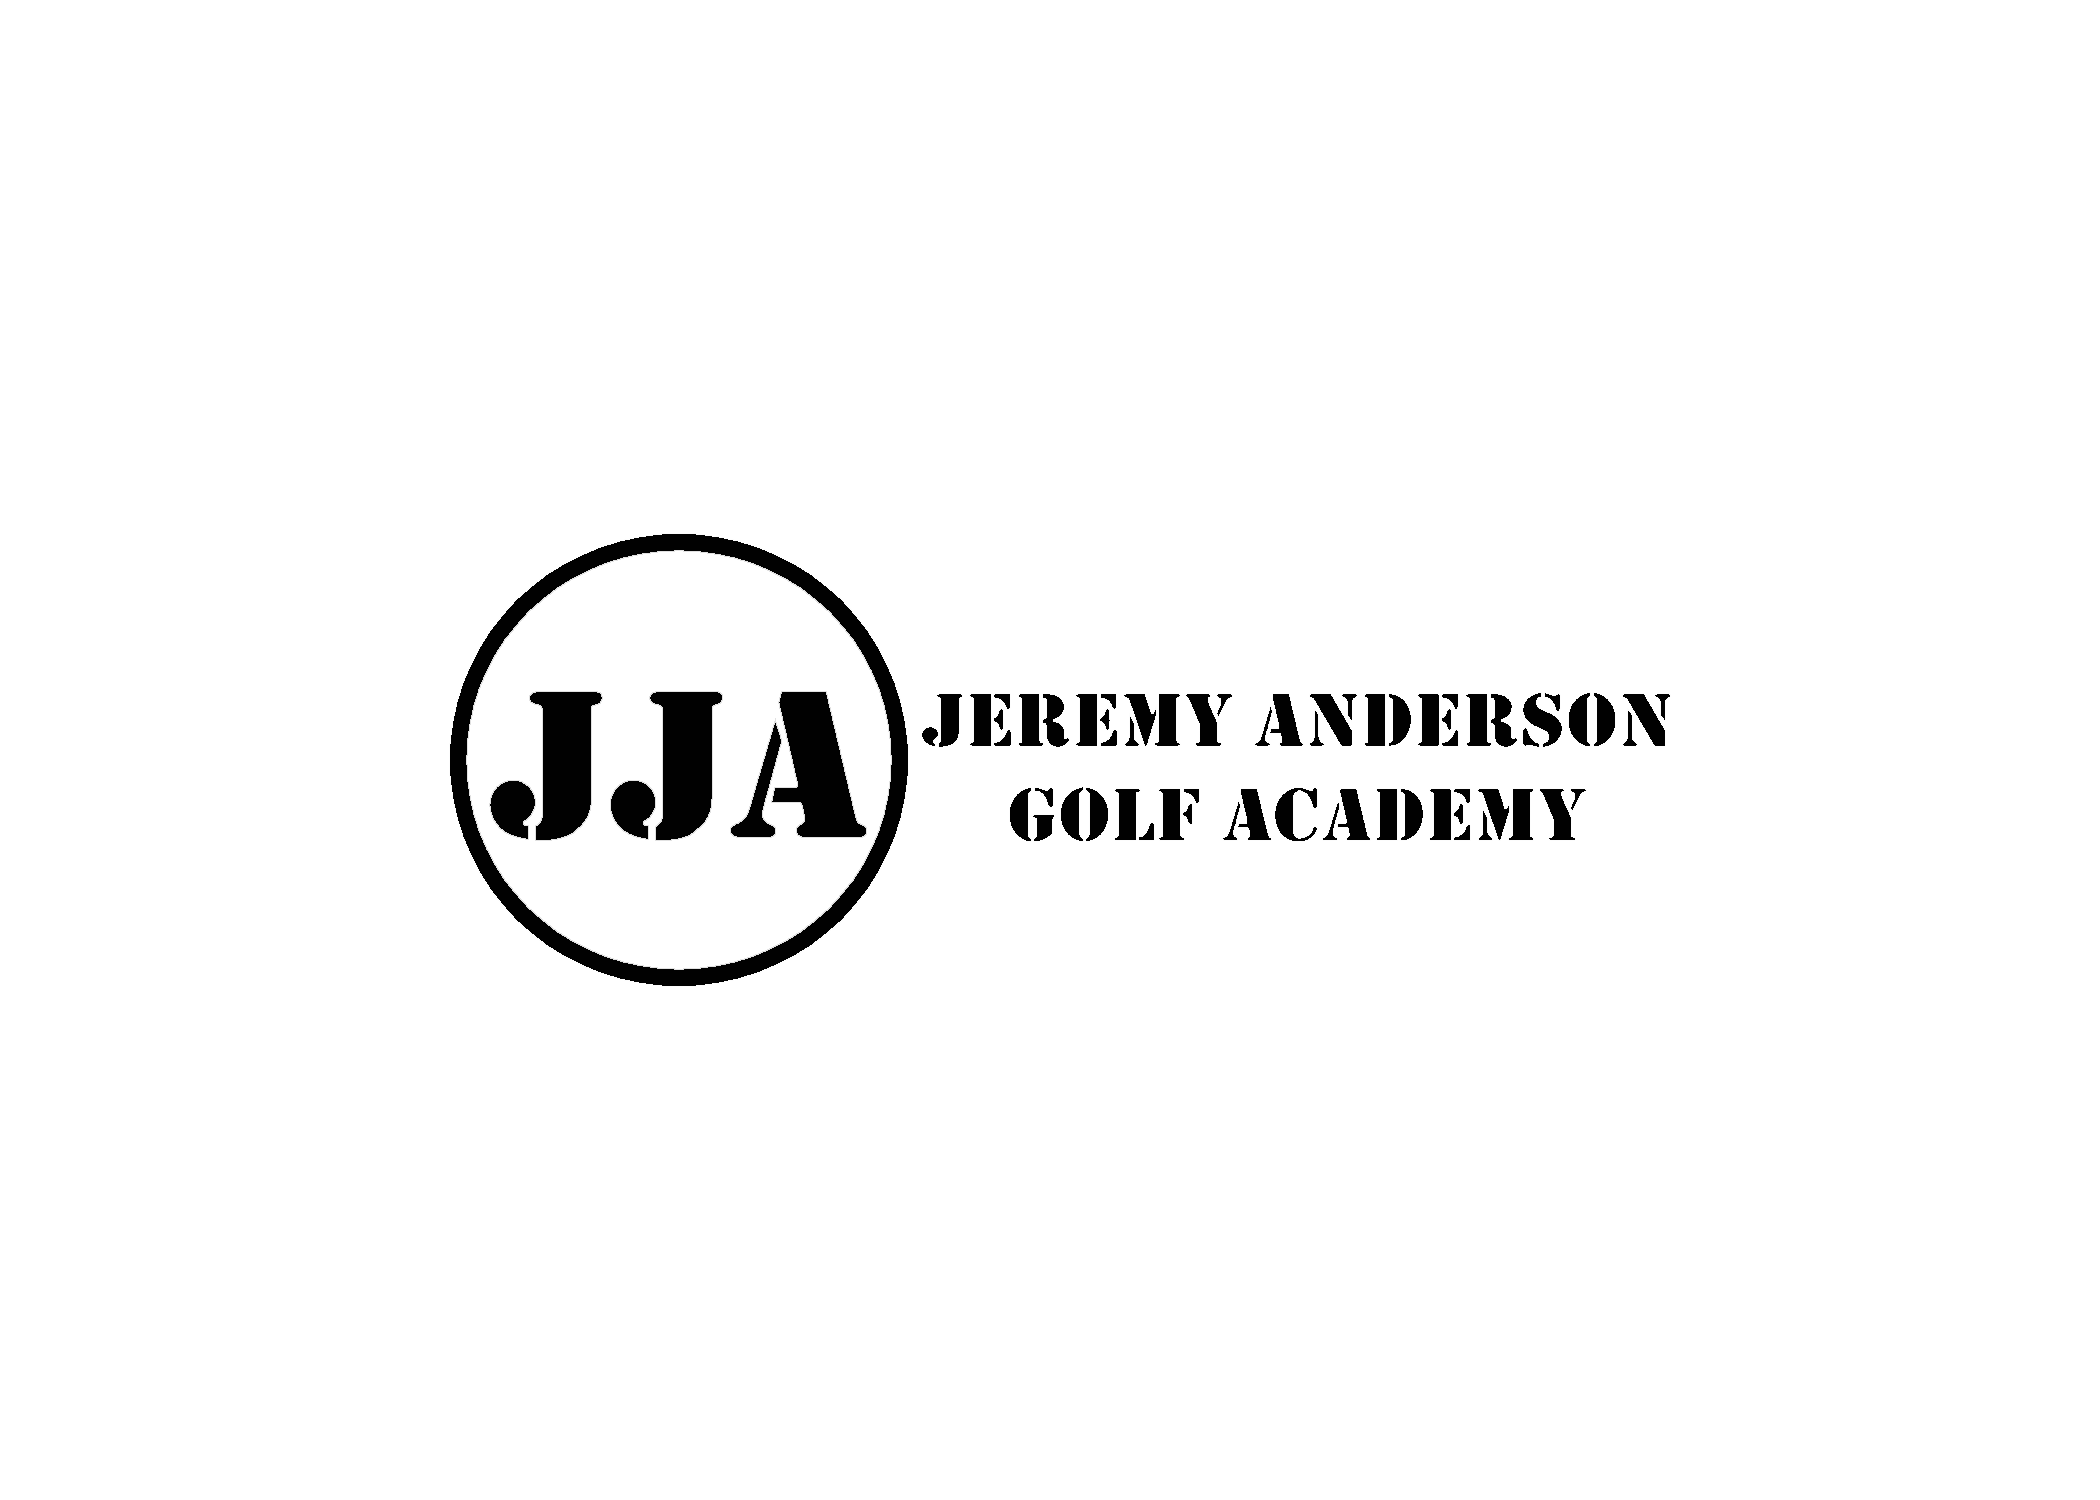 JJA-LOGO-STENCIL